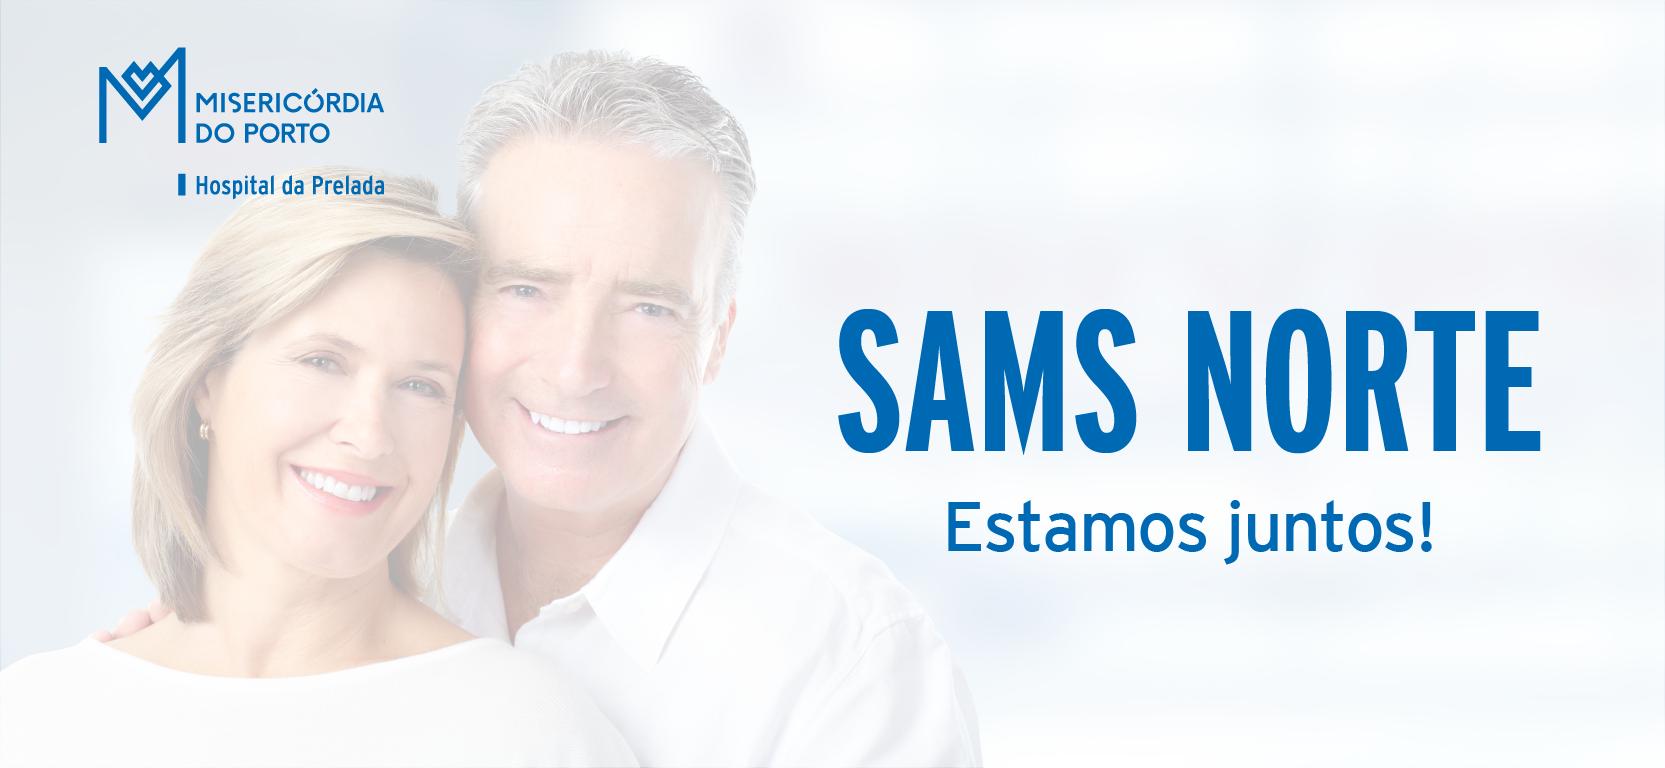 https://www.scmp.pt/assets/misc/img/2020/2020-03-06%20HP/SAMS.png